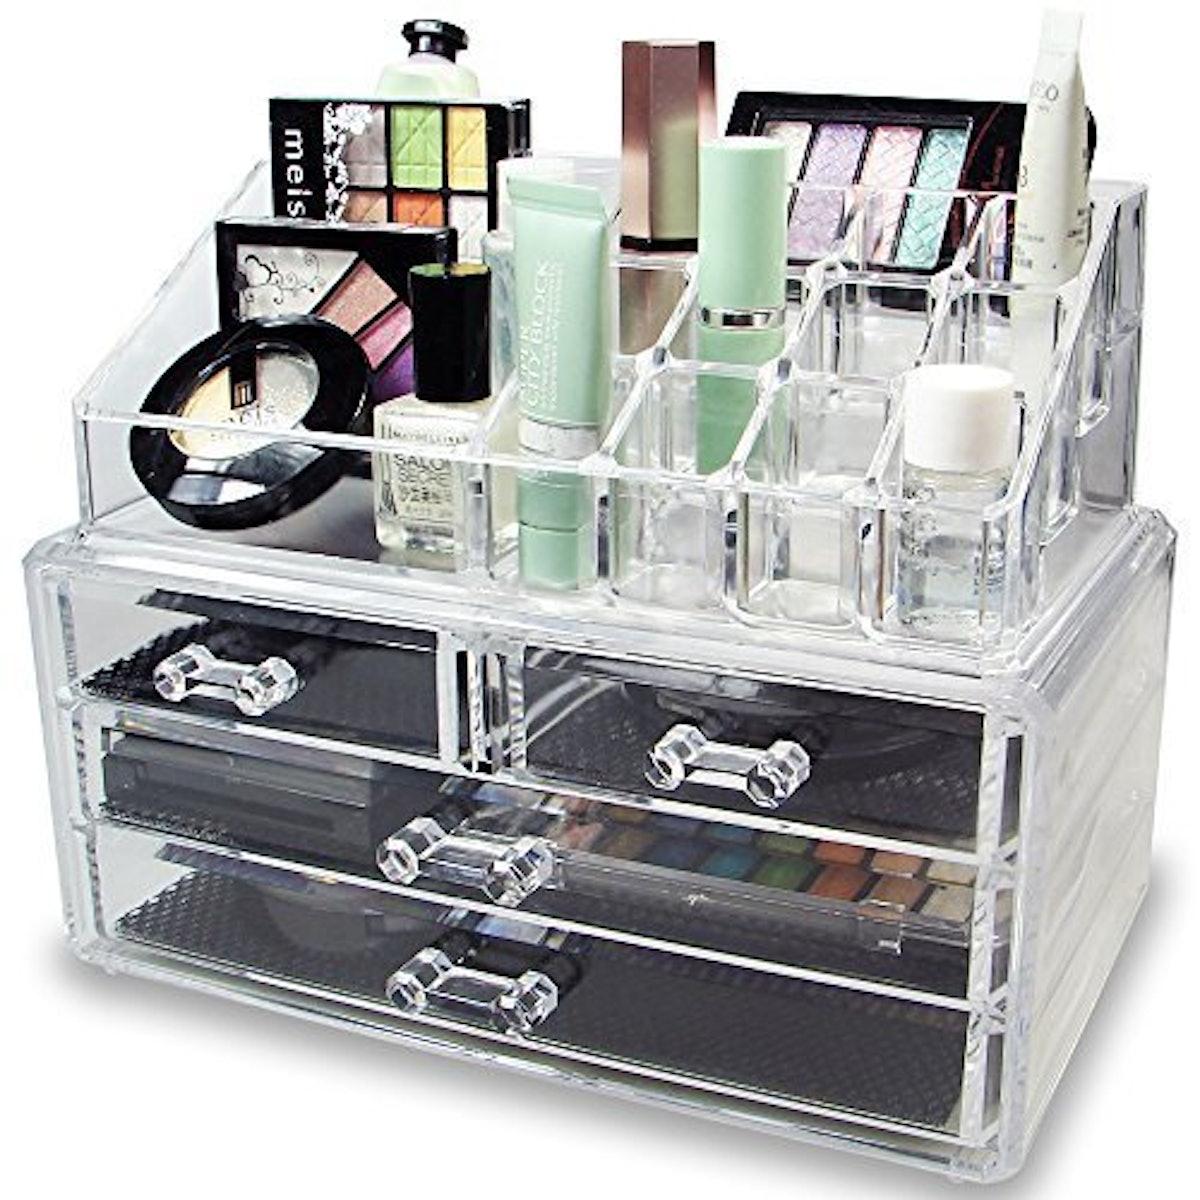 Ikee Design Makeup Organizer